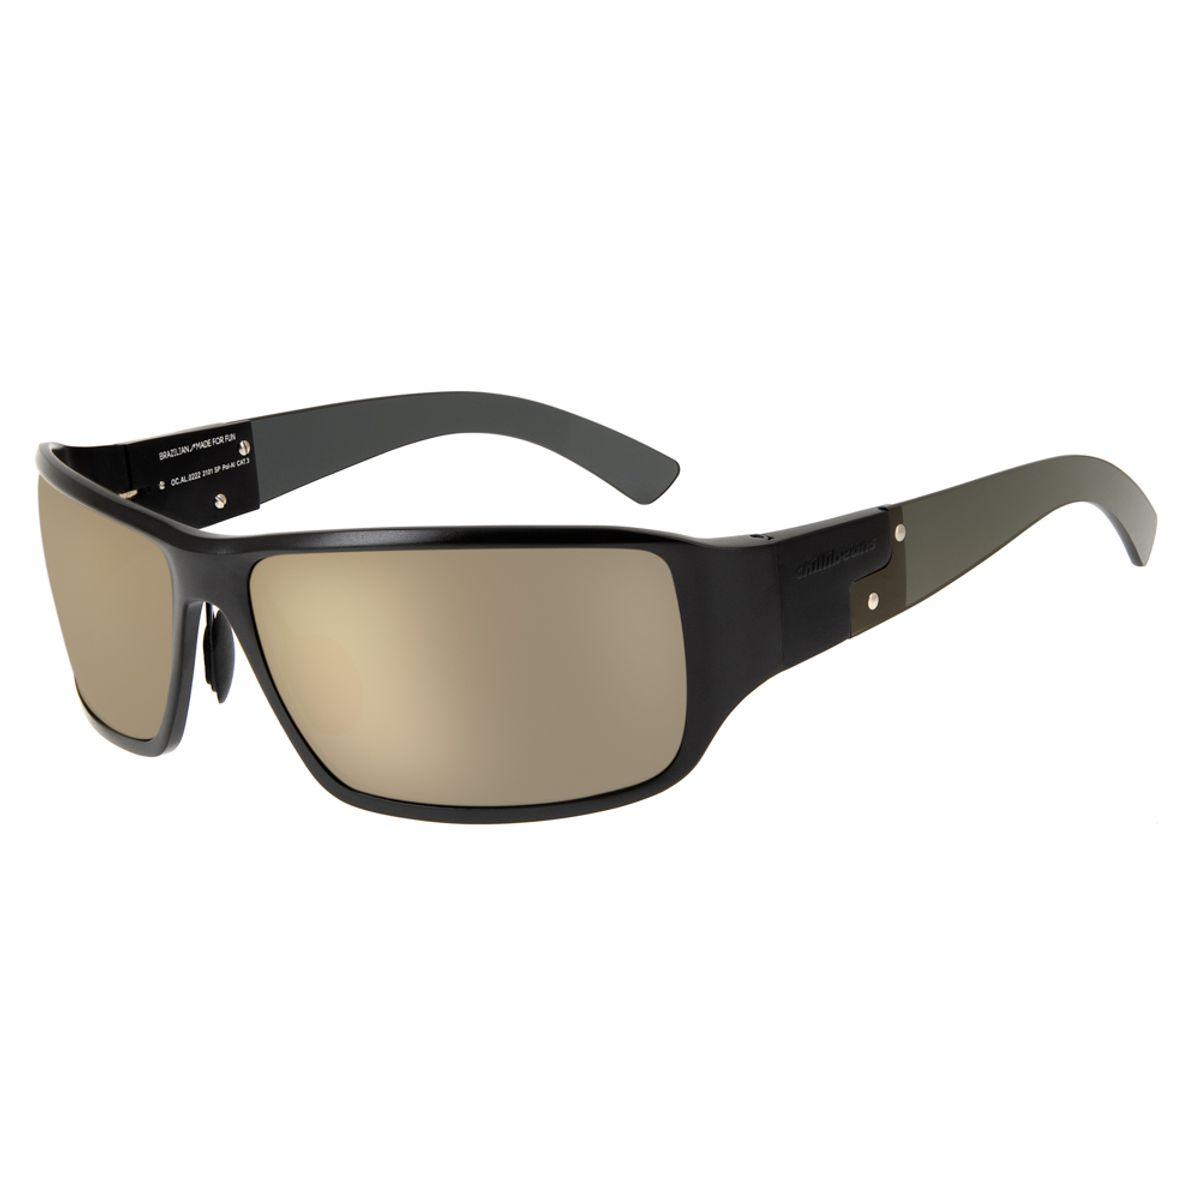 d43e8d29a ... oculos de sol chilli beans esportivo masculino polarizado dourado haste  0222 2101; OC.AL.0222-2101.1. Por: R$ 289,98ou 4x de R$ 72,49